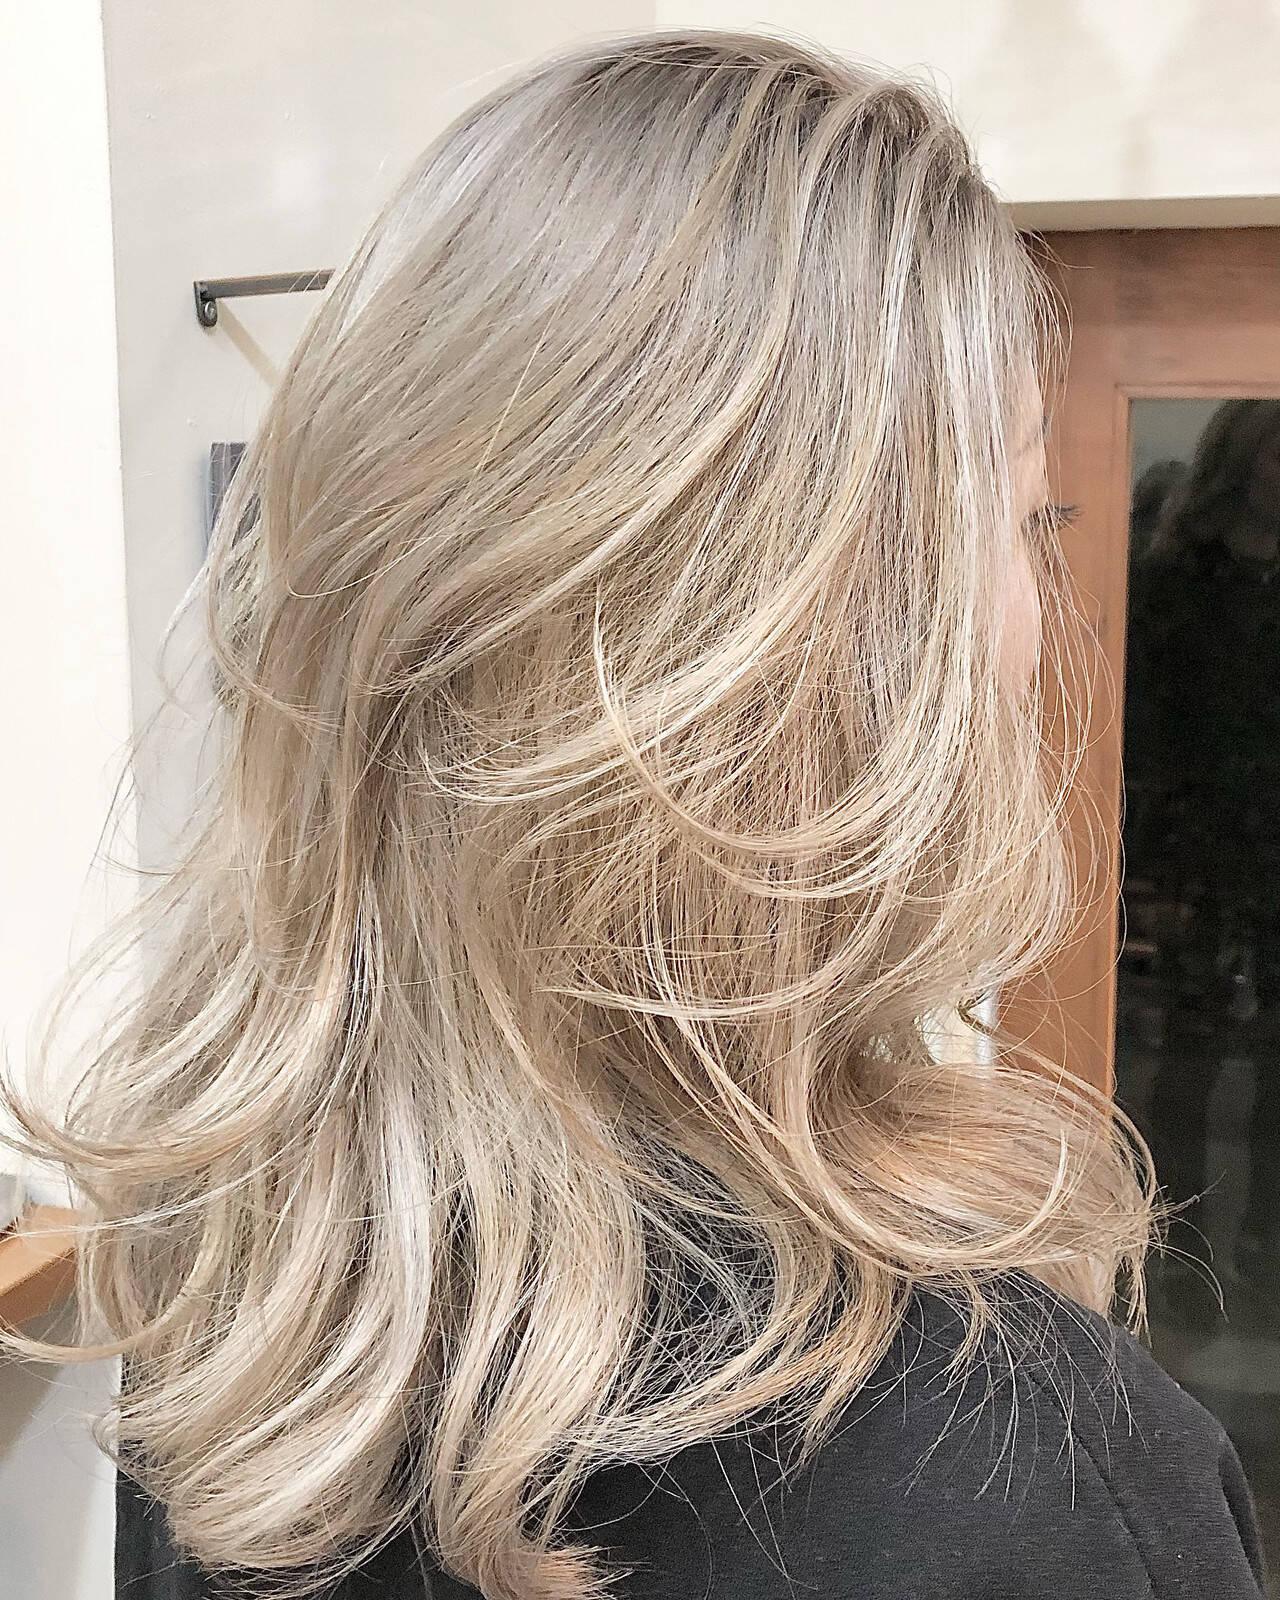 ハイトーンカラー バレイヤージュ ハイライト ハイトーンボブヘアスタイルや髪型の写真・画像